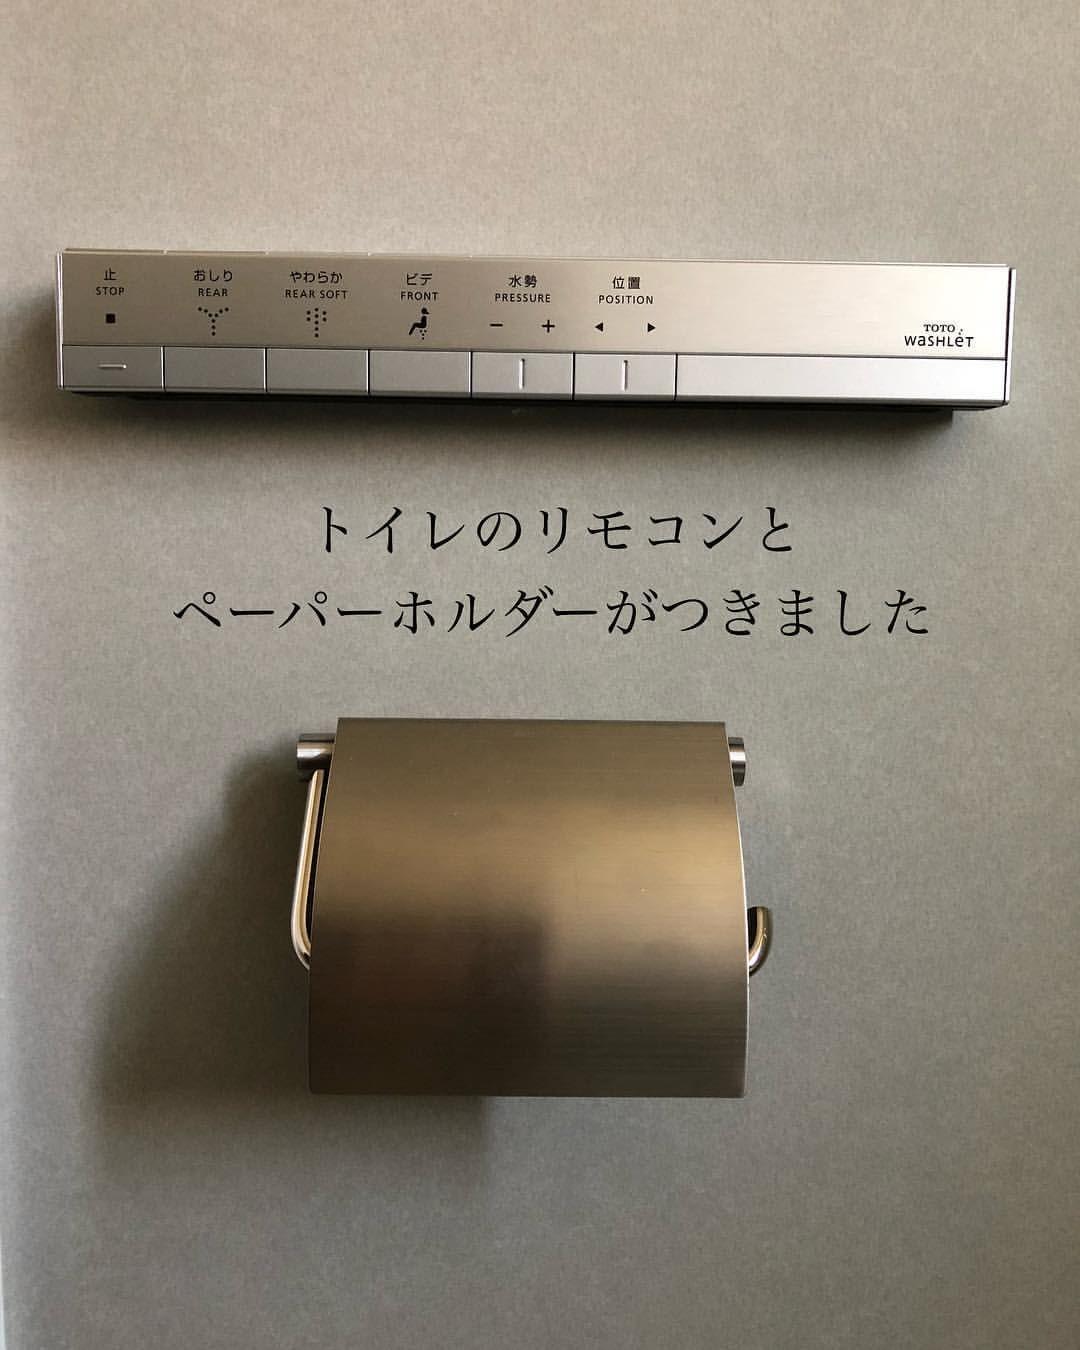 My Home Diary さんはinstagramを利用しています トイレのリモコンとペーパーホルダーが設置されました グレーの壁とこのシルバーがよくお似合い ペーパーホルダーをアイアンか真鍮にしようかとも考えていましたが ステンにして良かったよ ー 2019